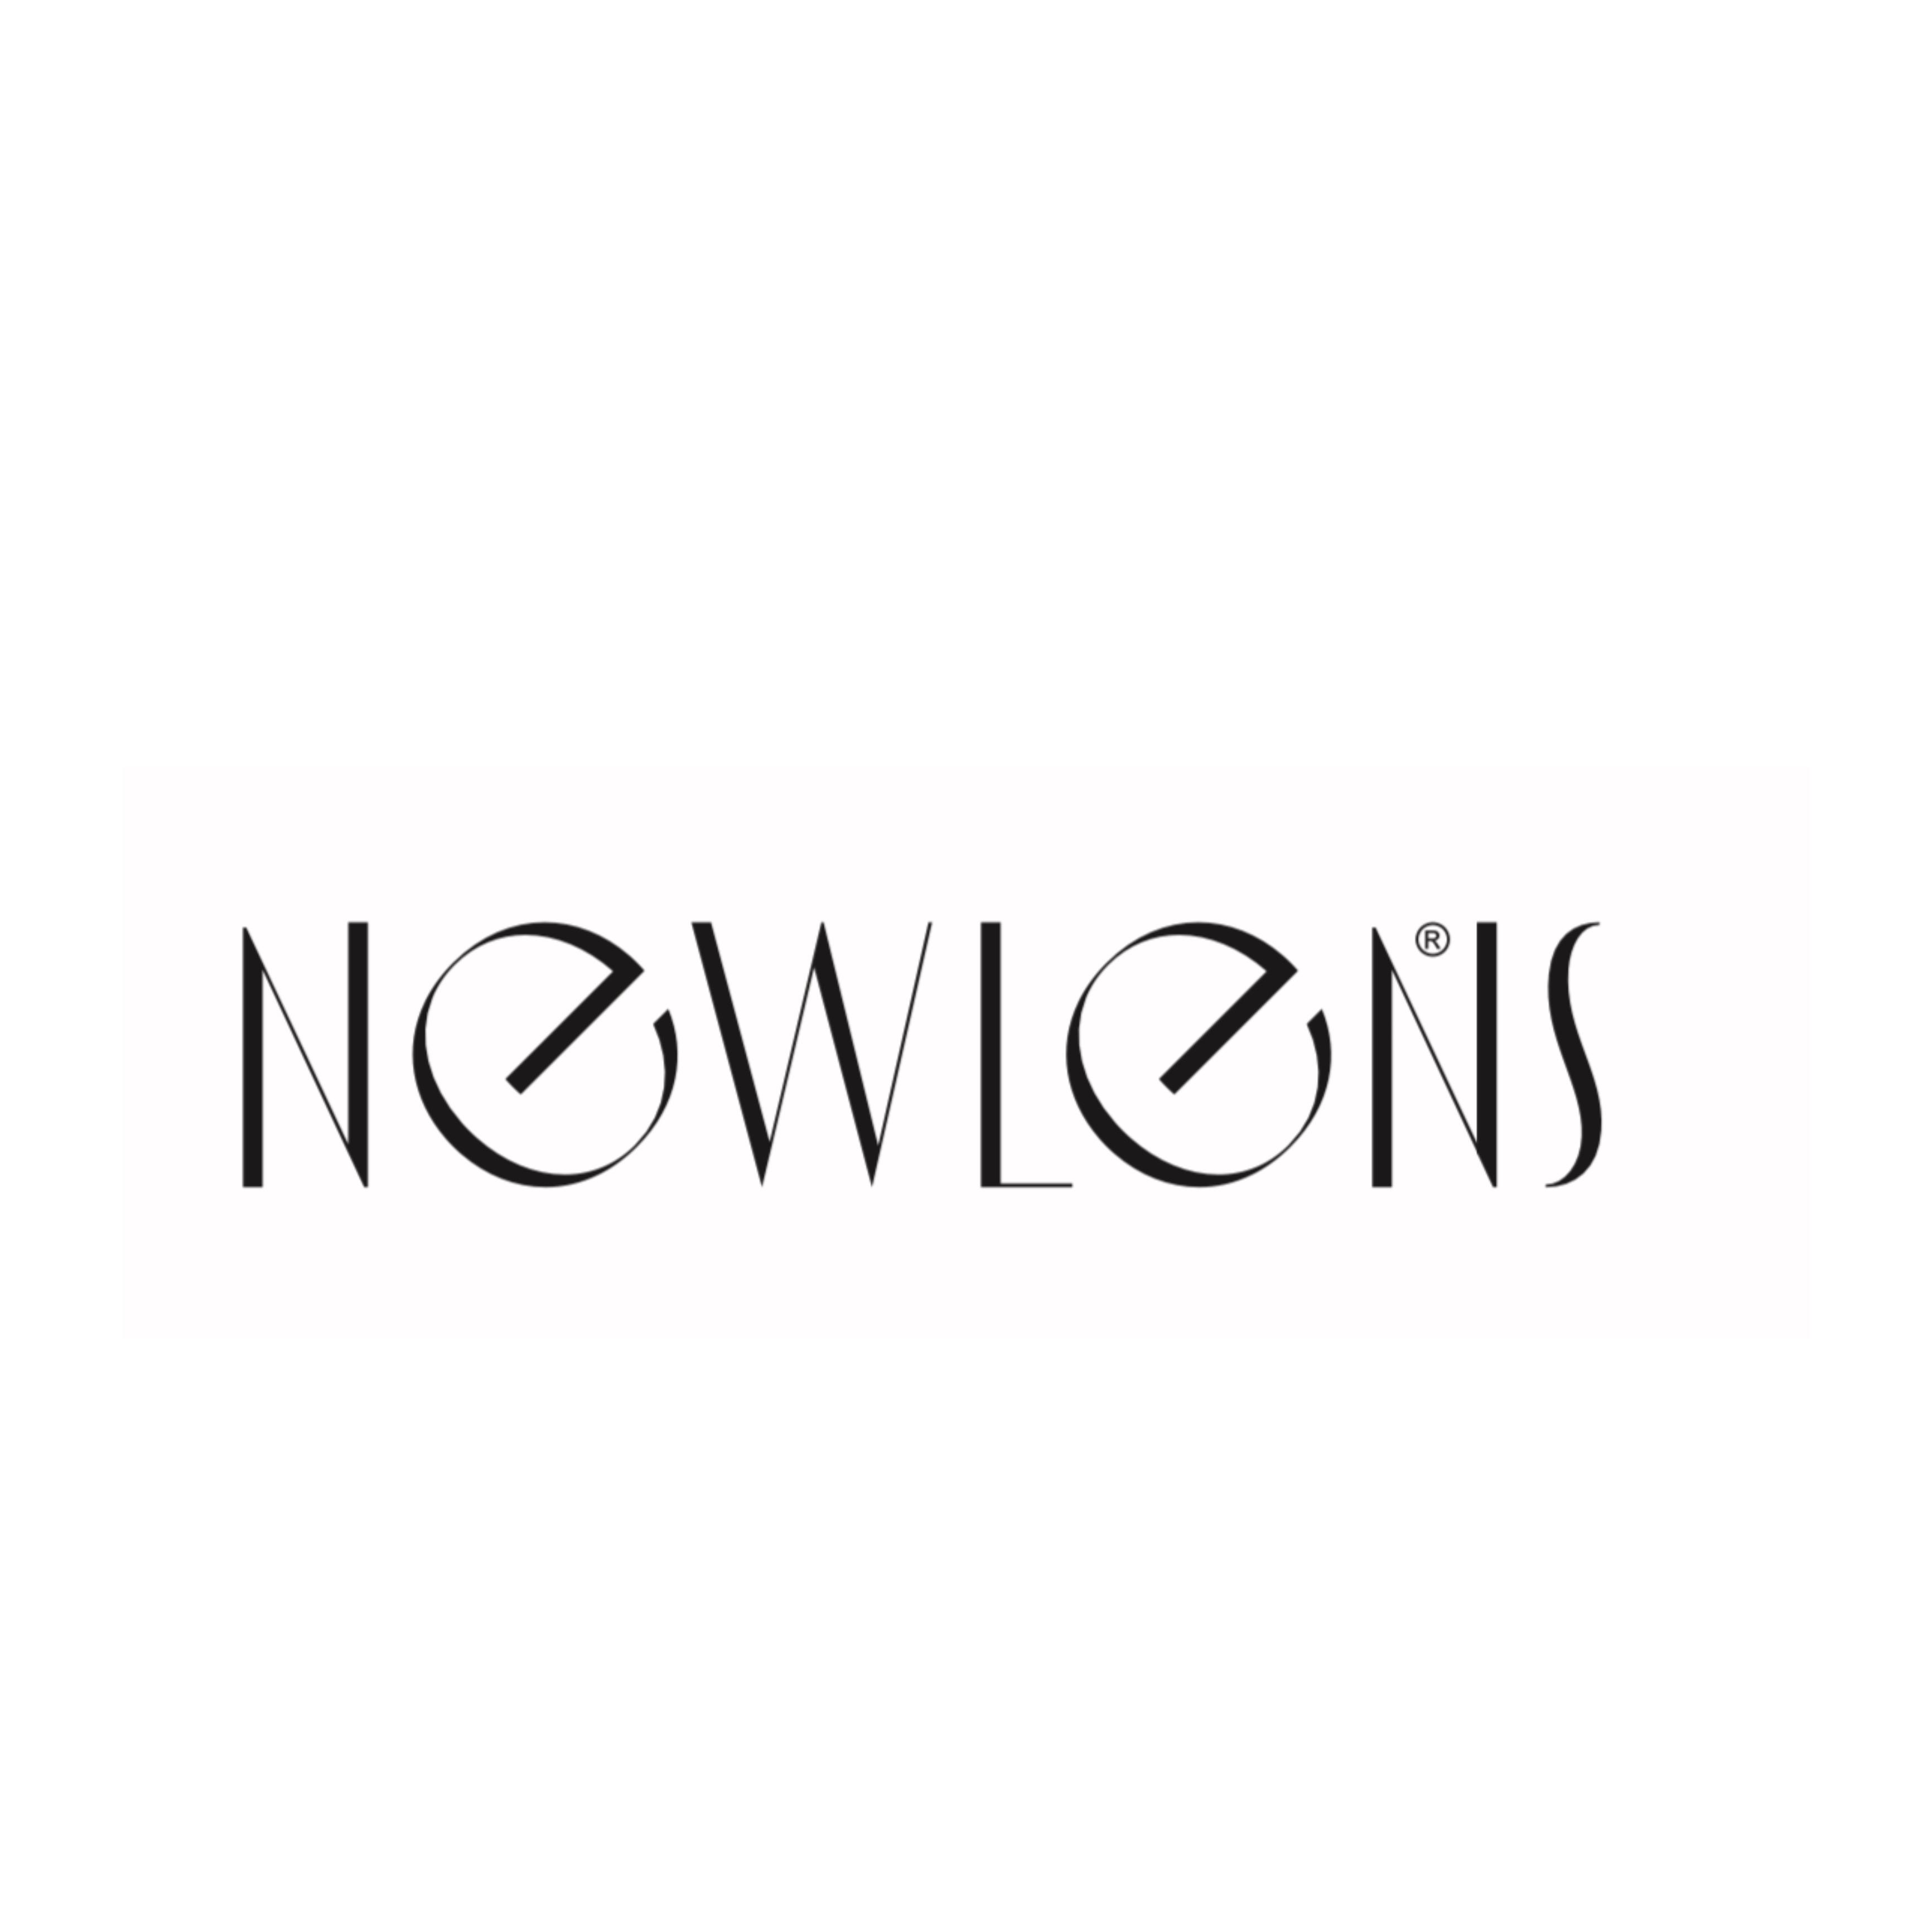 Newlens